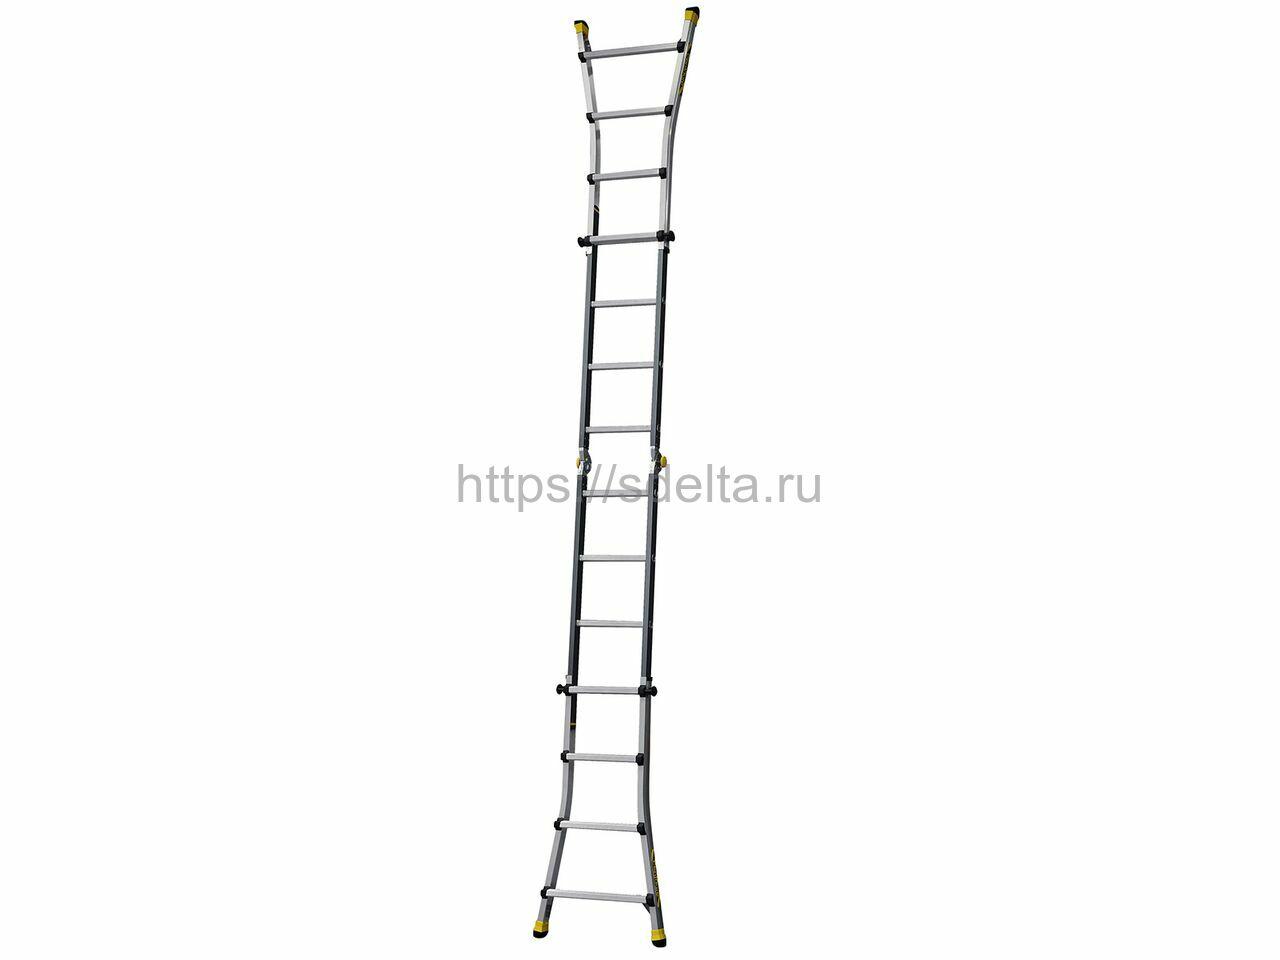 Лестница-стремянка телескопическая Centaure TT 4х4